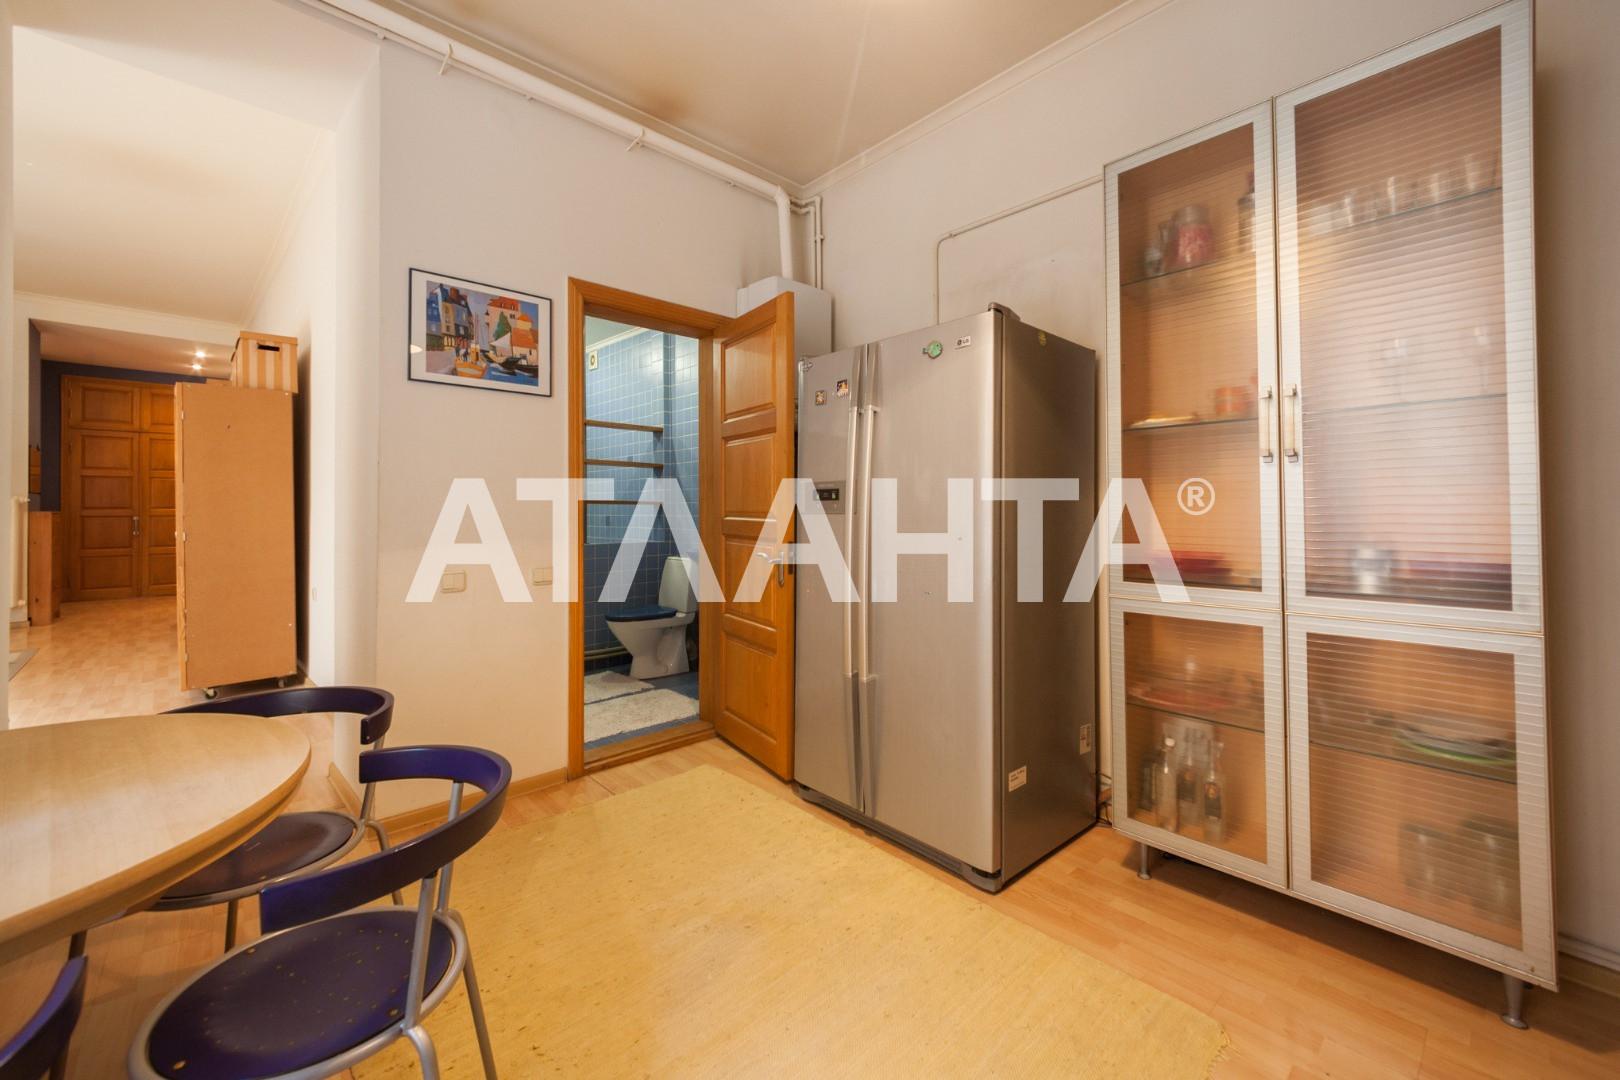 Продается 3-комнатная Квартира на ул. Военный Сп. (Жанны Лябурб Сп.) — 95 000 у.е. (фото №11)